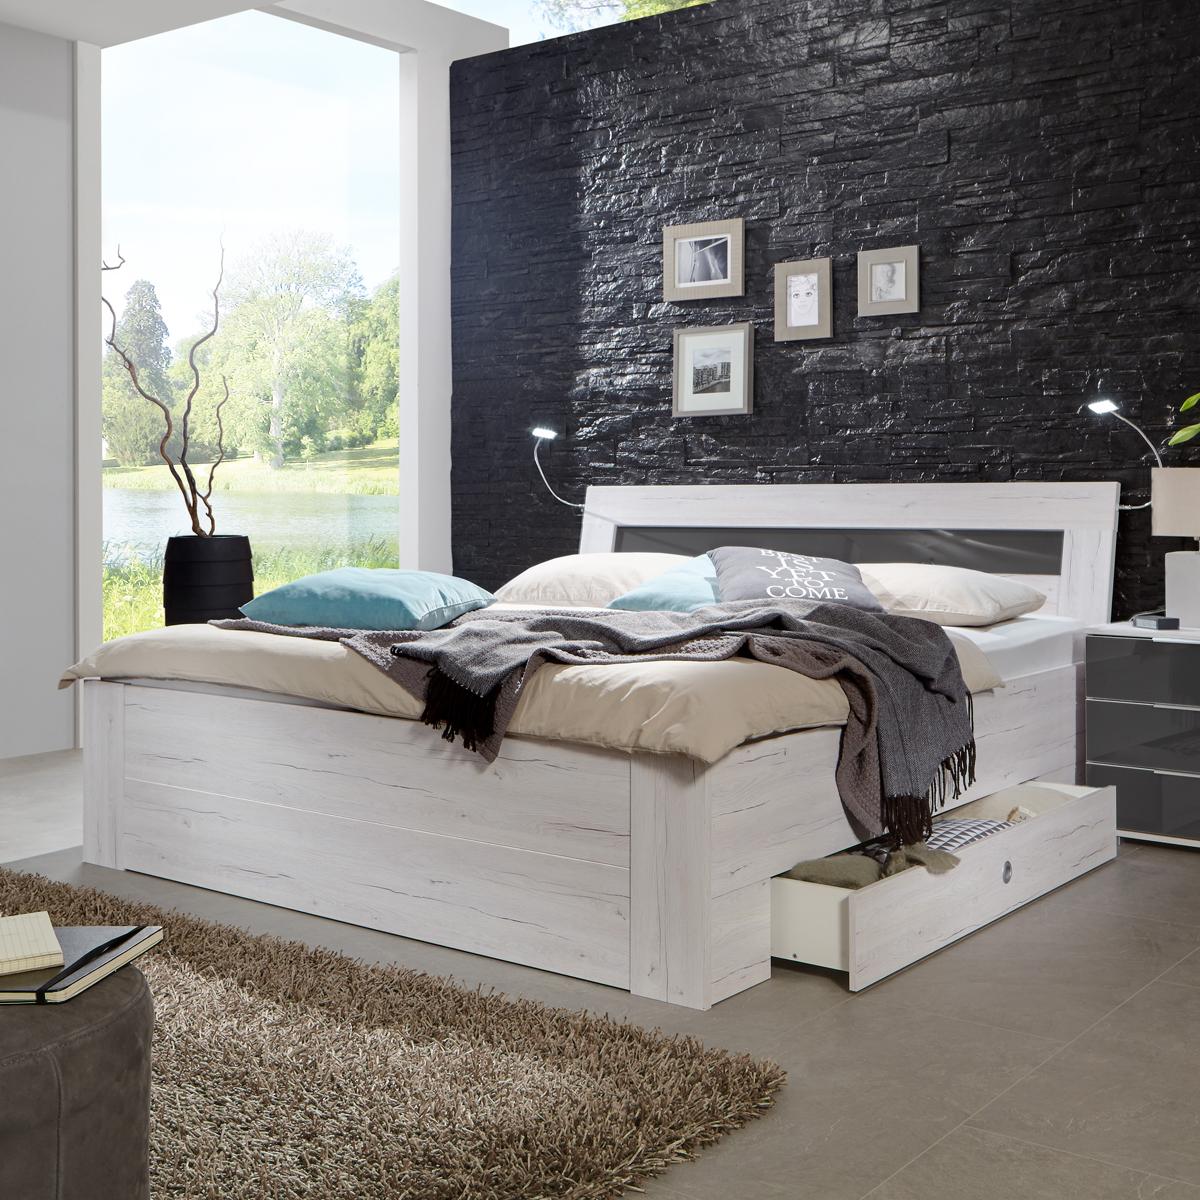 Schlafzimmer bei ebay  Funktionsbett Match Up Schlafzimmer Weißeiche Absetzung Glas Grey ...